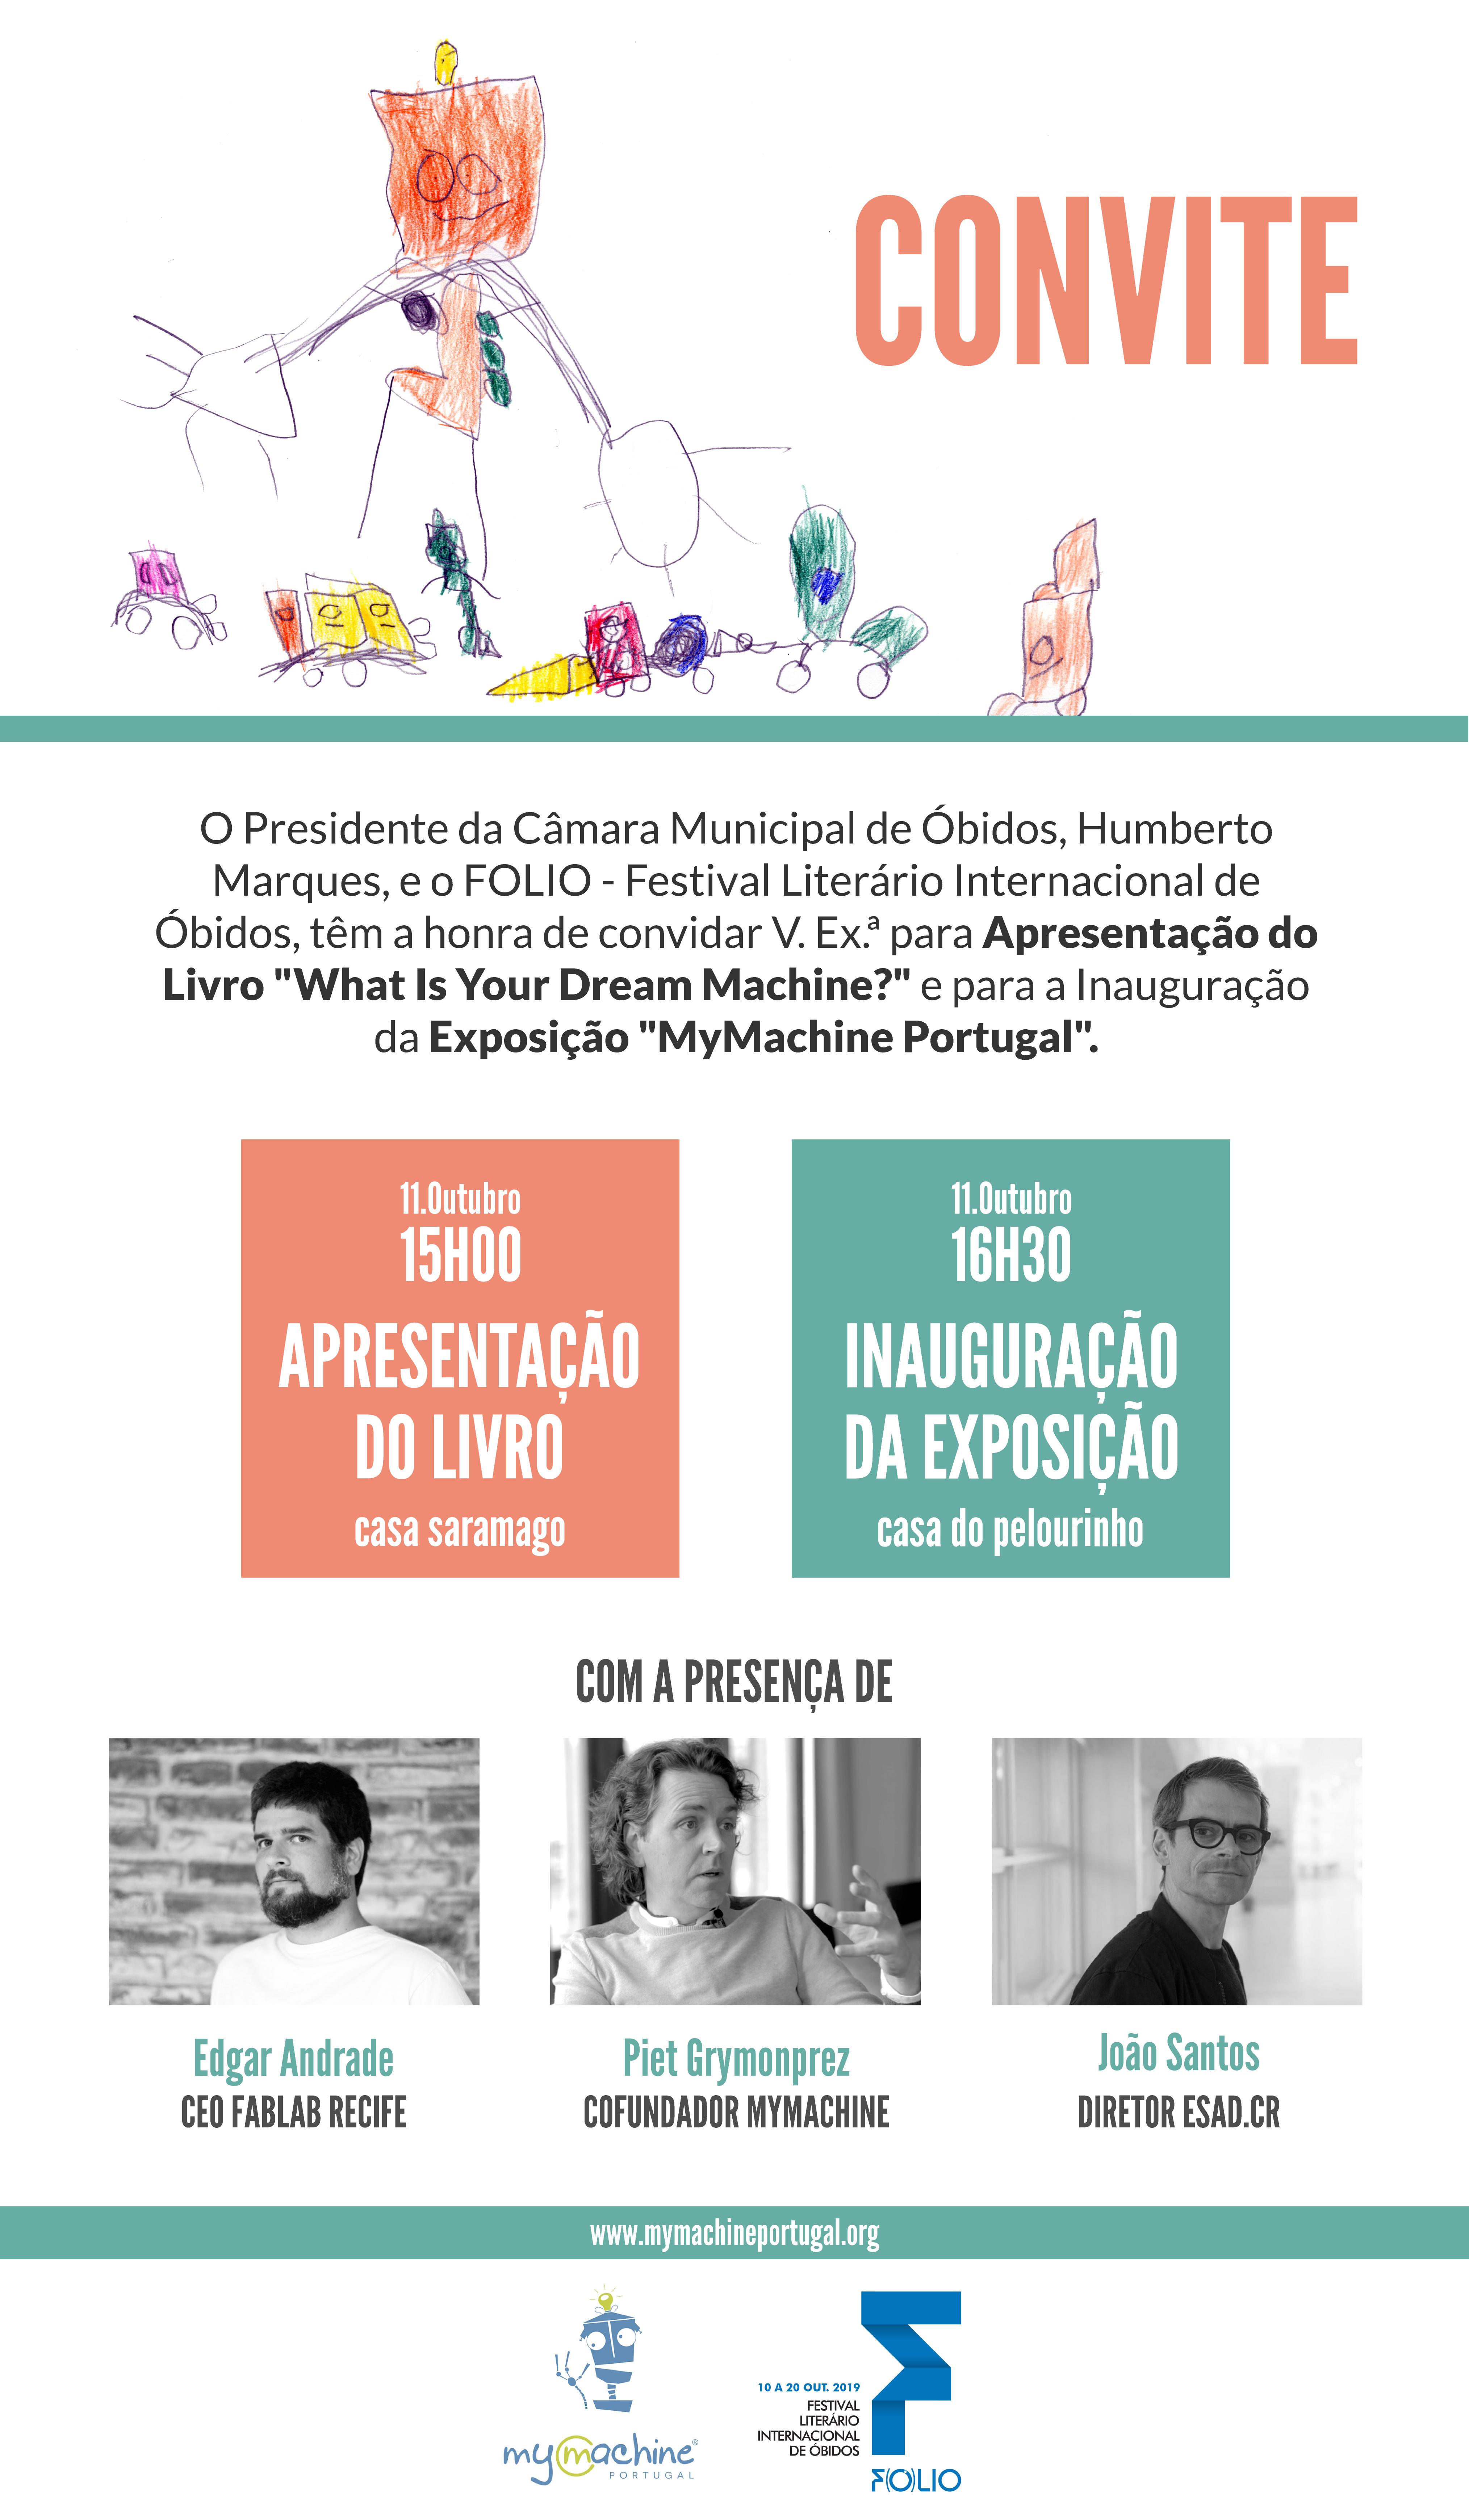 Convite-FOLIO